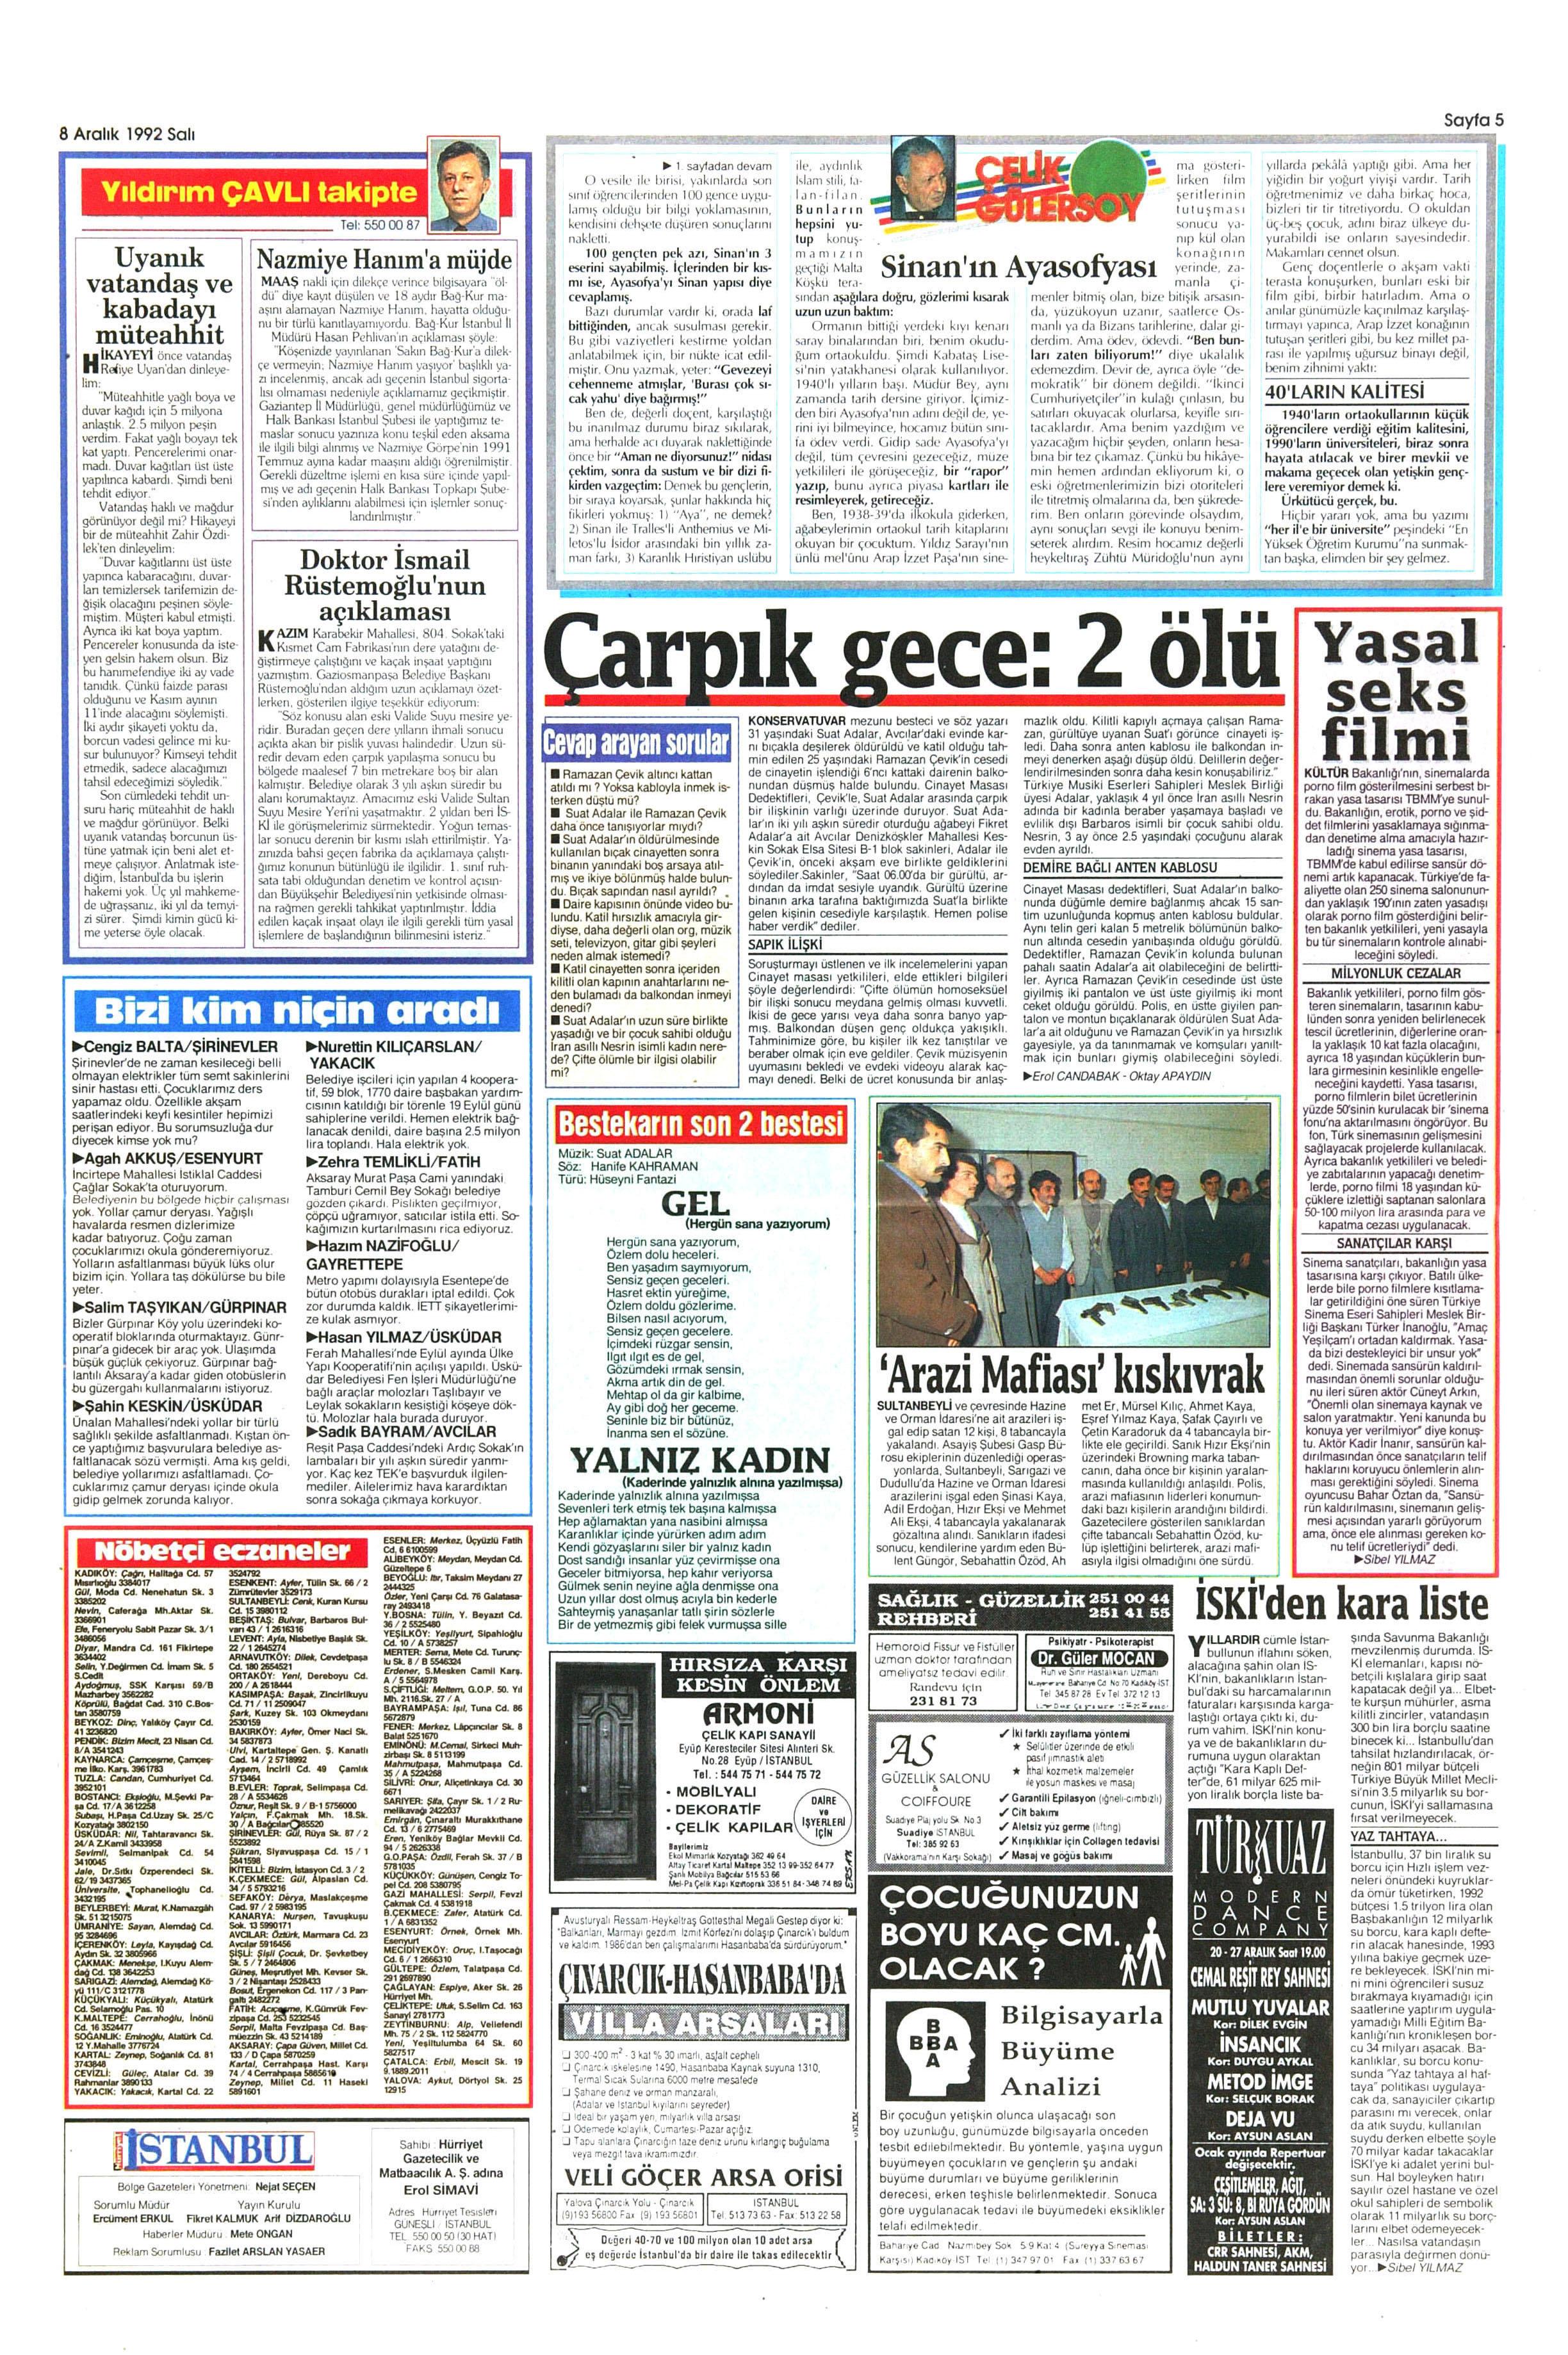 19921208005.jpg